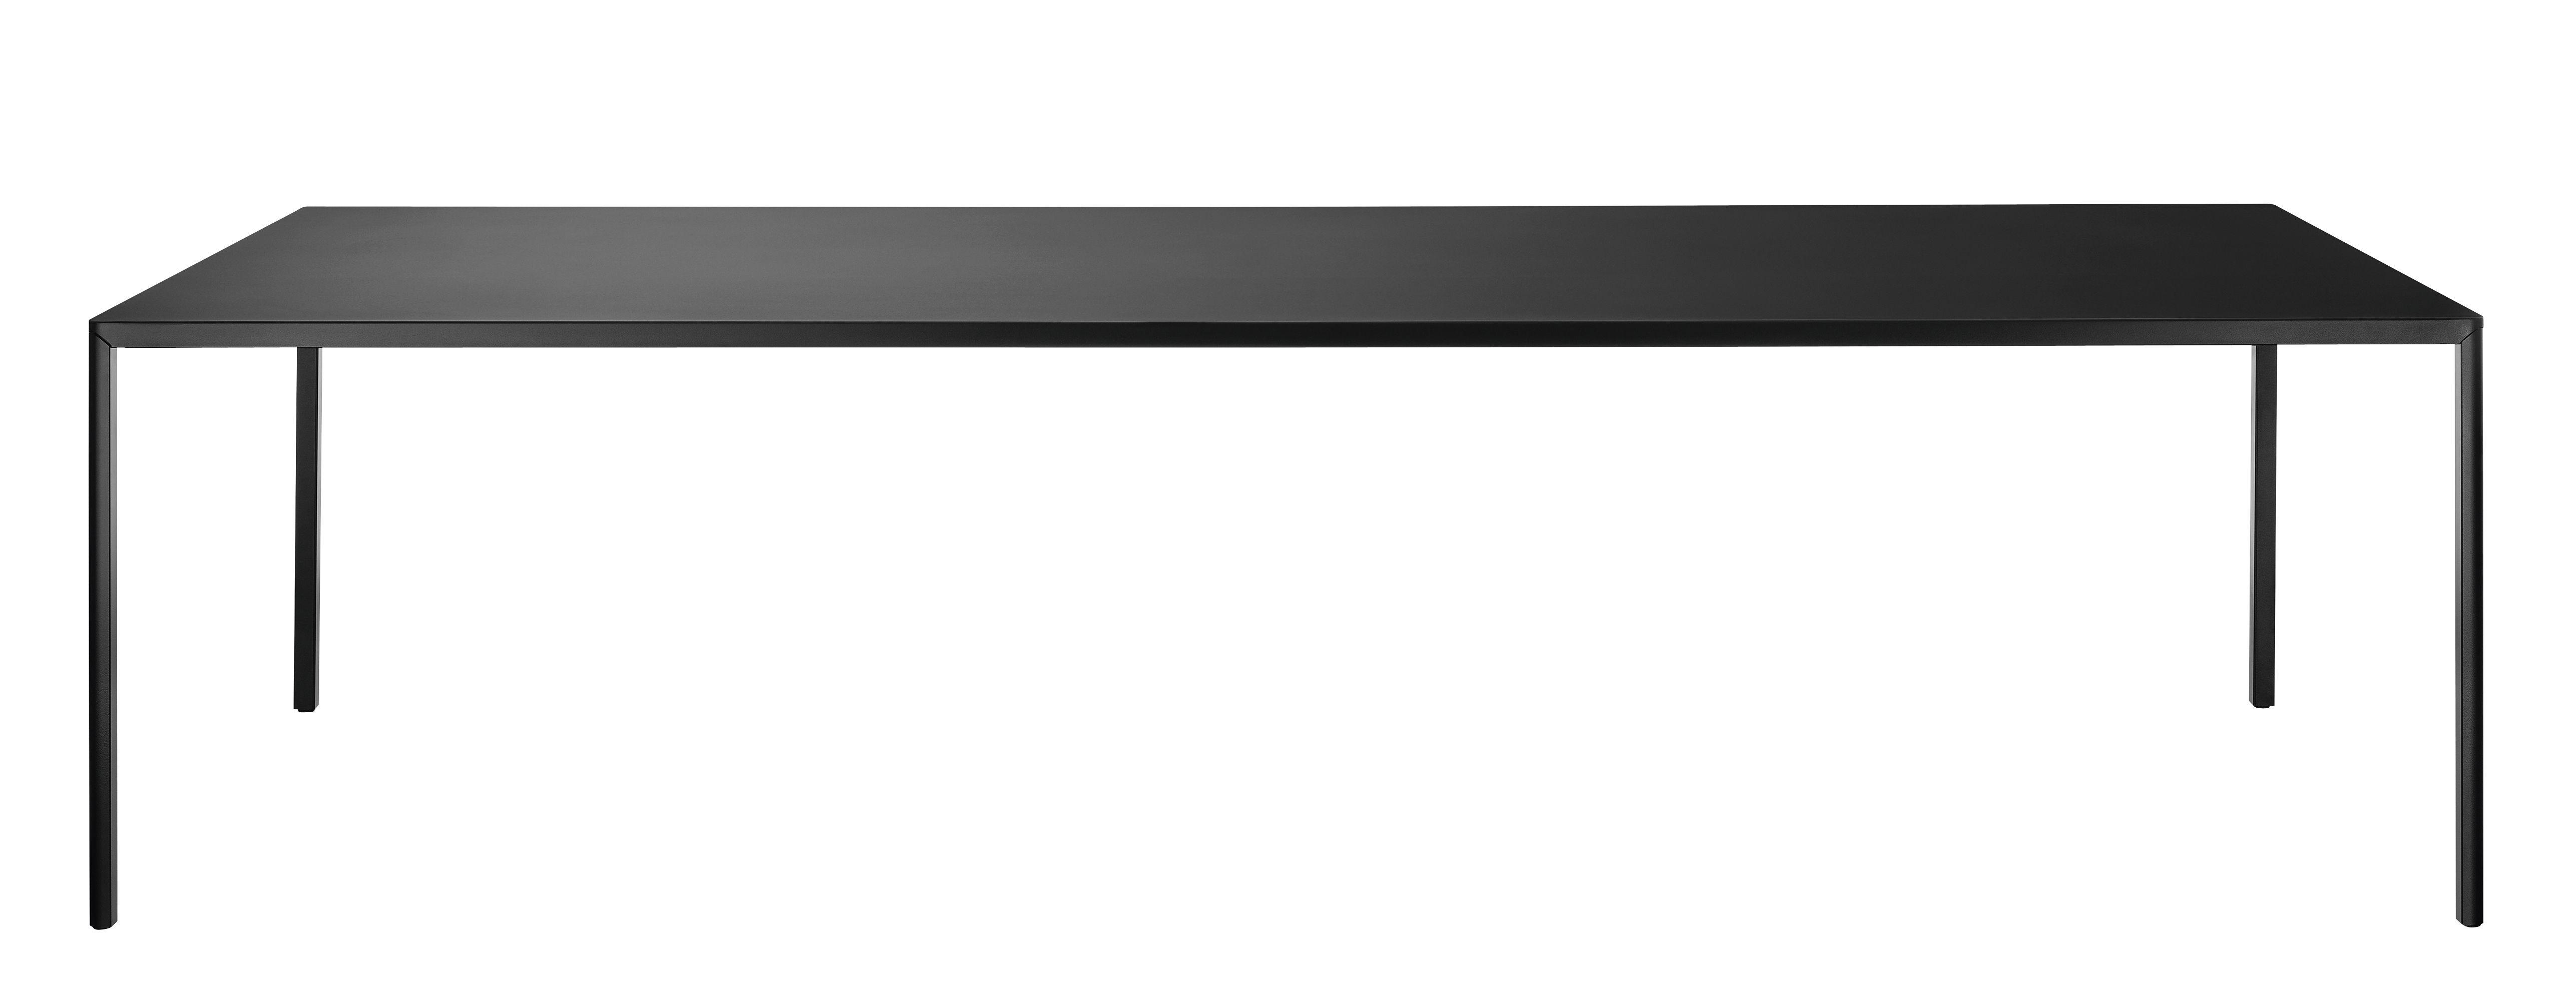 Passe Partout Outdoor Table 240 X 110 Cm Black By Magis